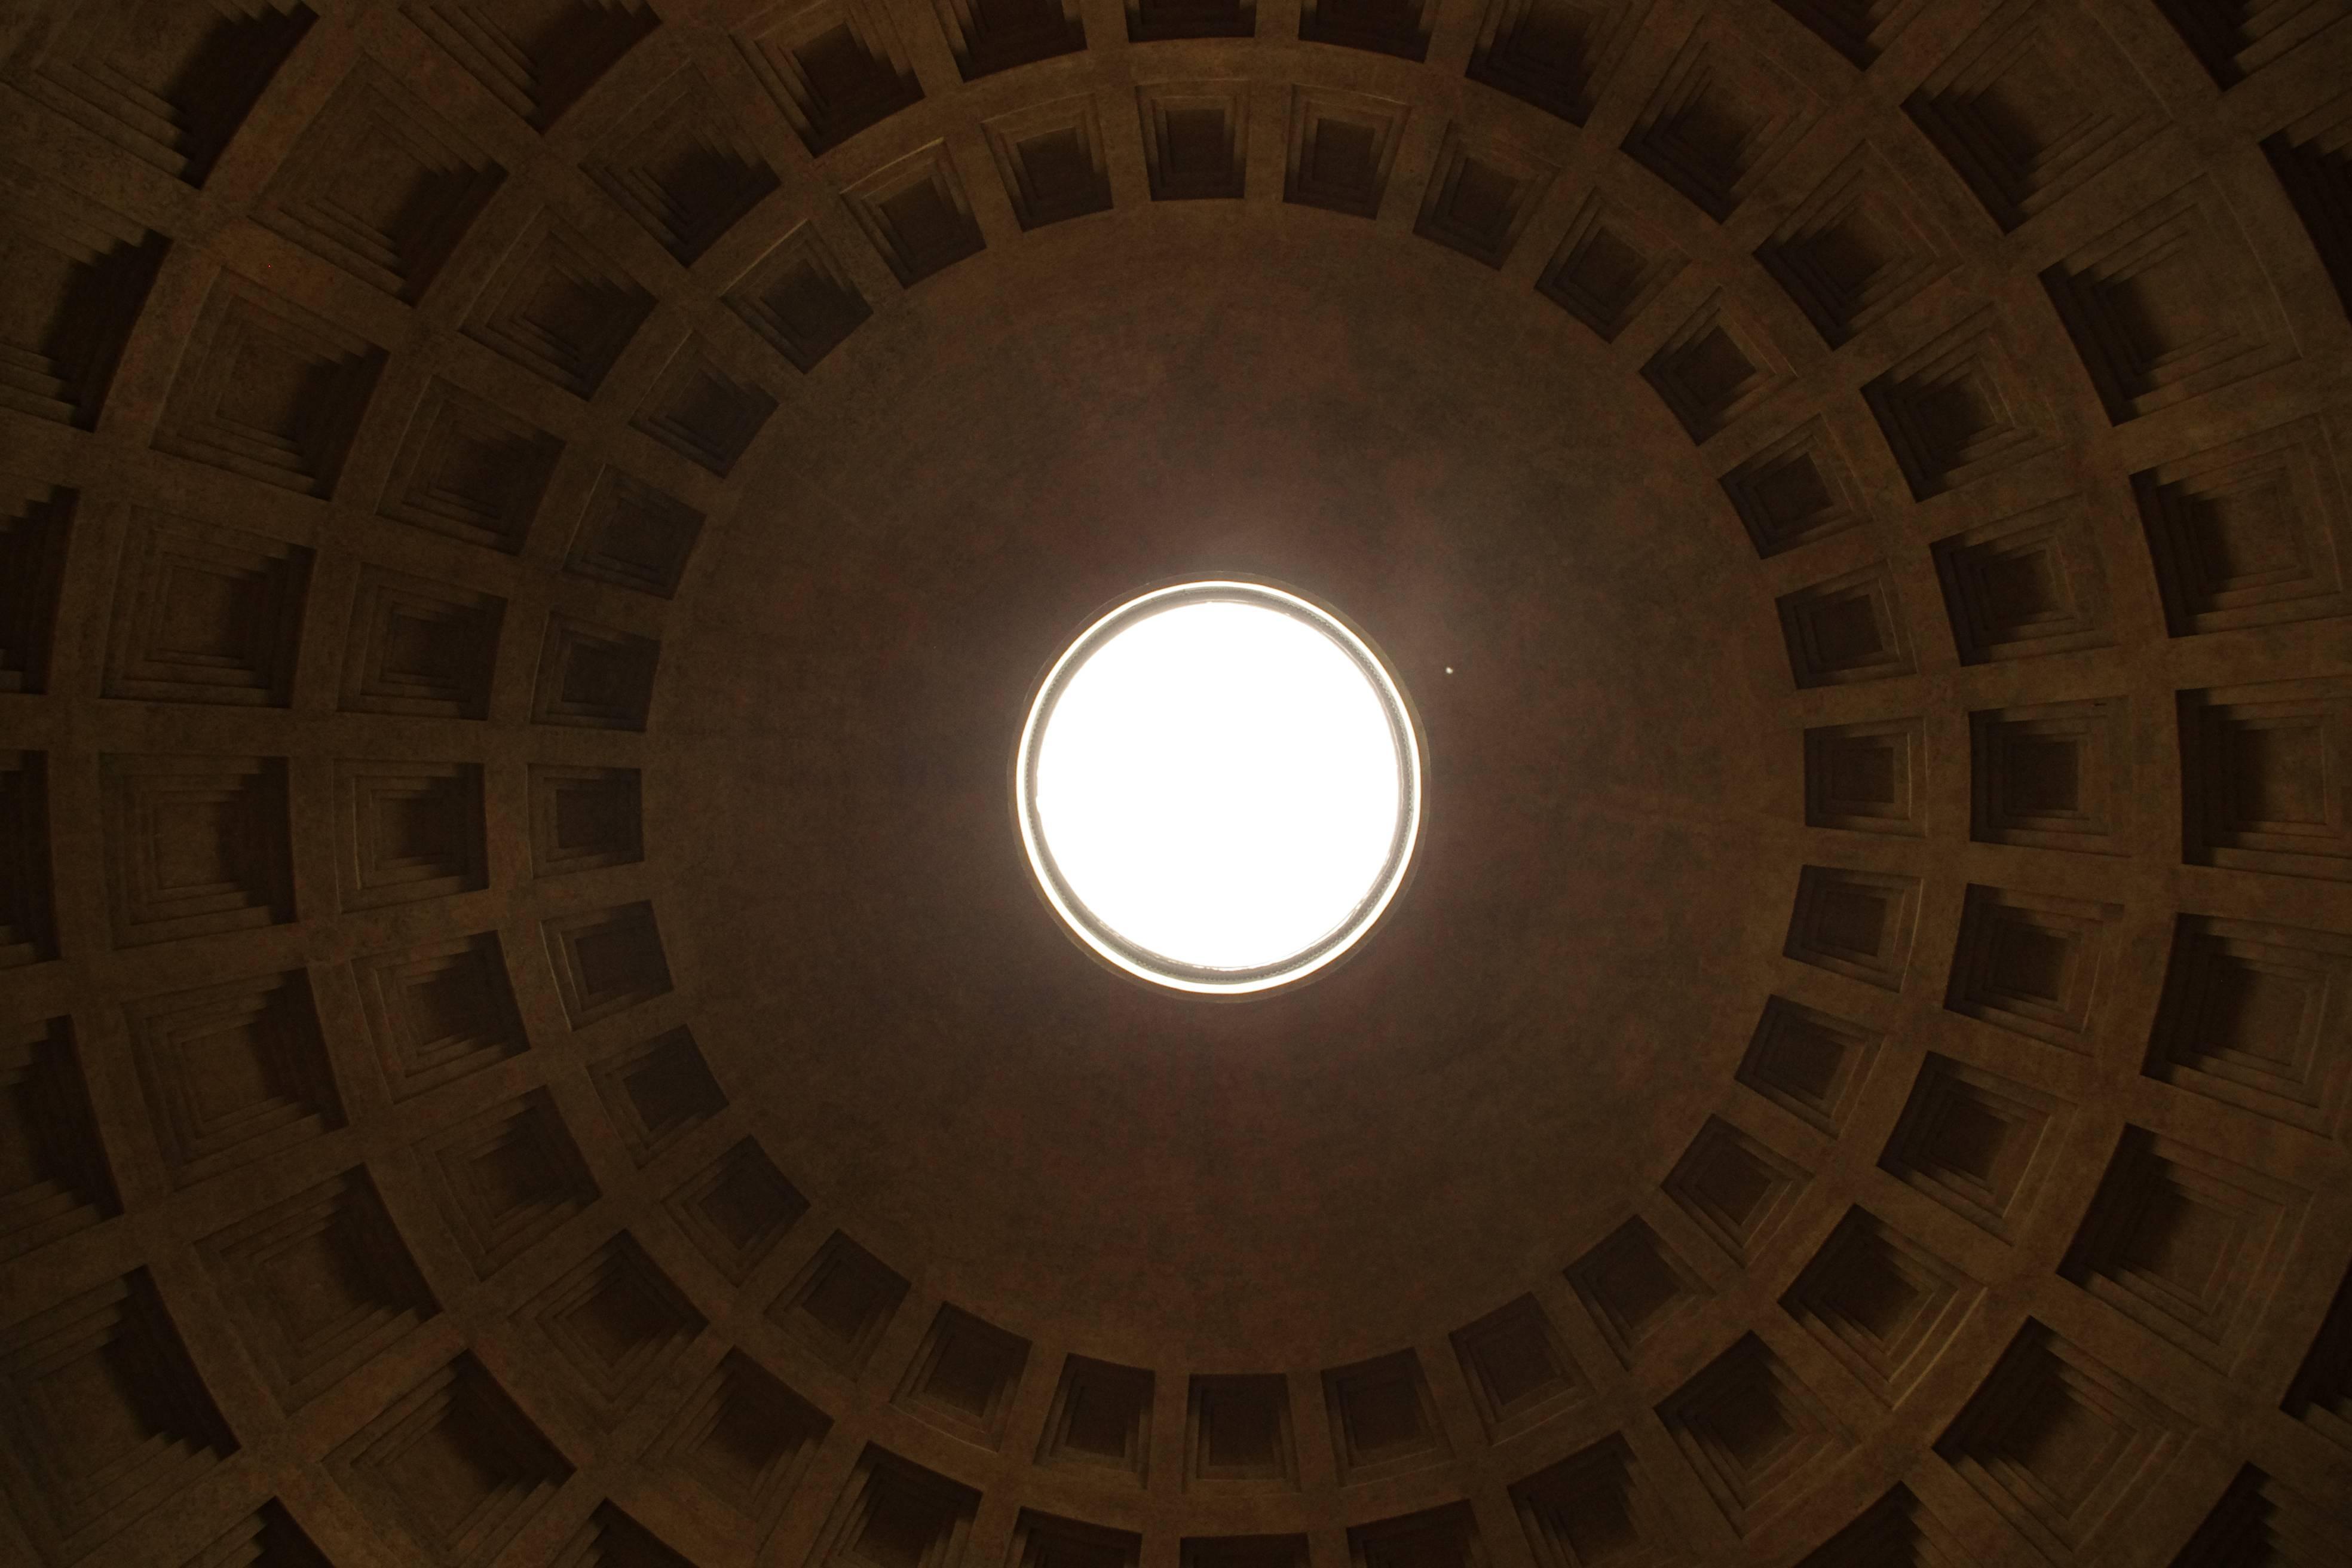 Photo 2: Le Pantheon